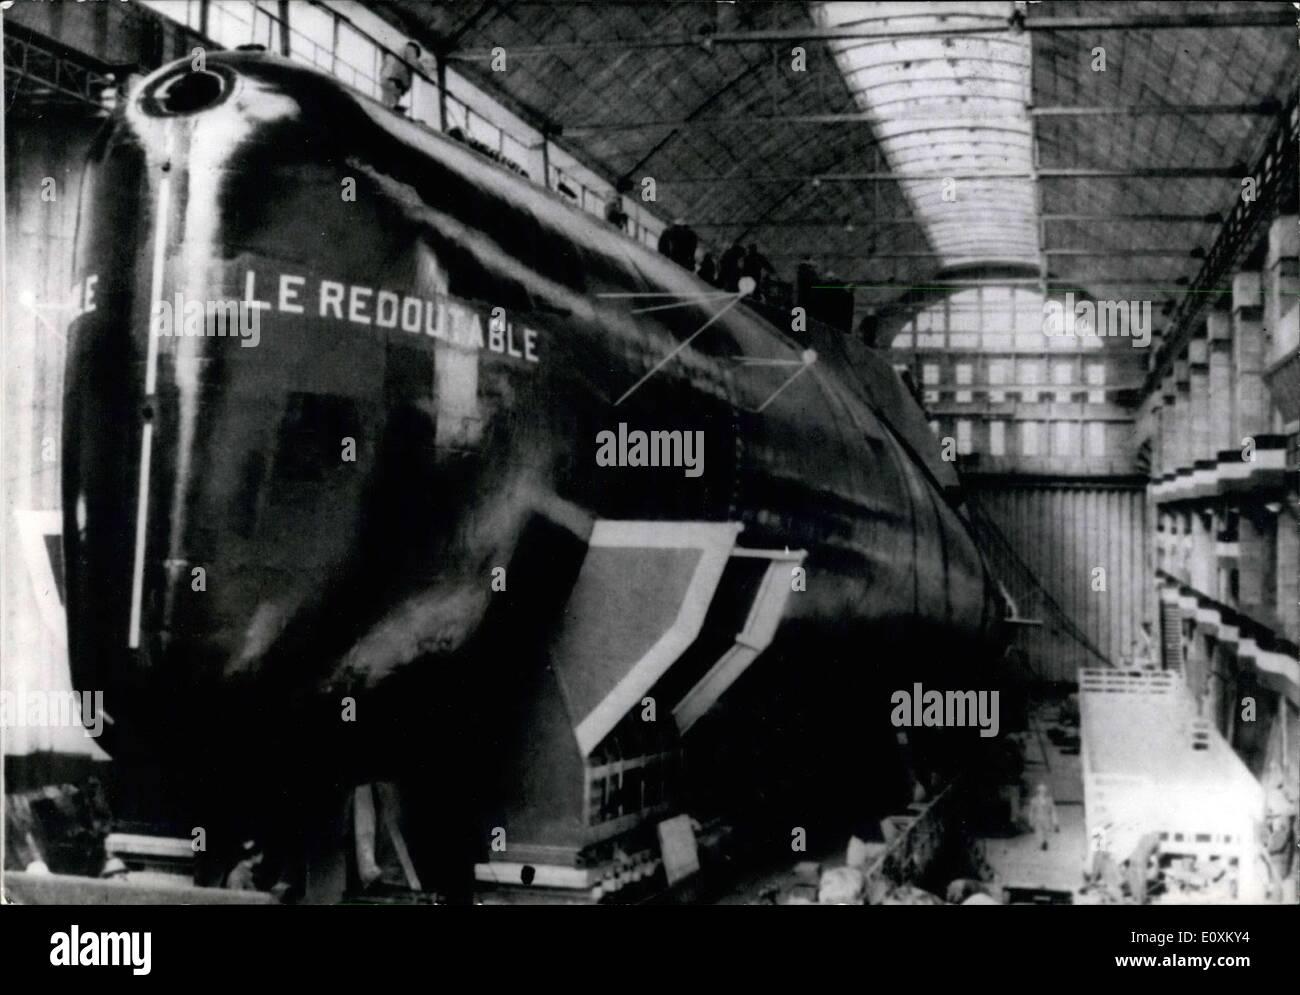 """Marzo 20, 1967 - Francia El primer submarino atómico, ''Le Redoutable"""", será lanzado el 29 de marzo en presencia del General de Gaulle. Será el primer viaje oficial del presidente francés para el año 1967. Imagen De Stock"""